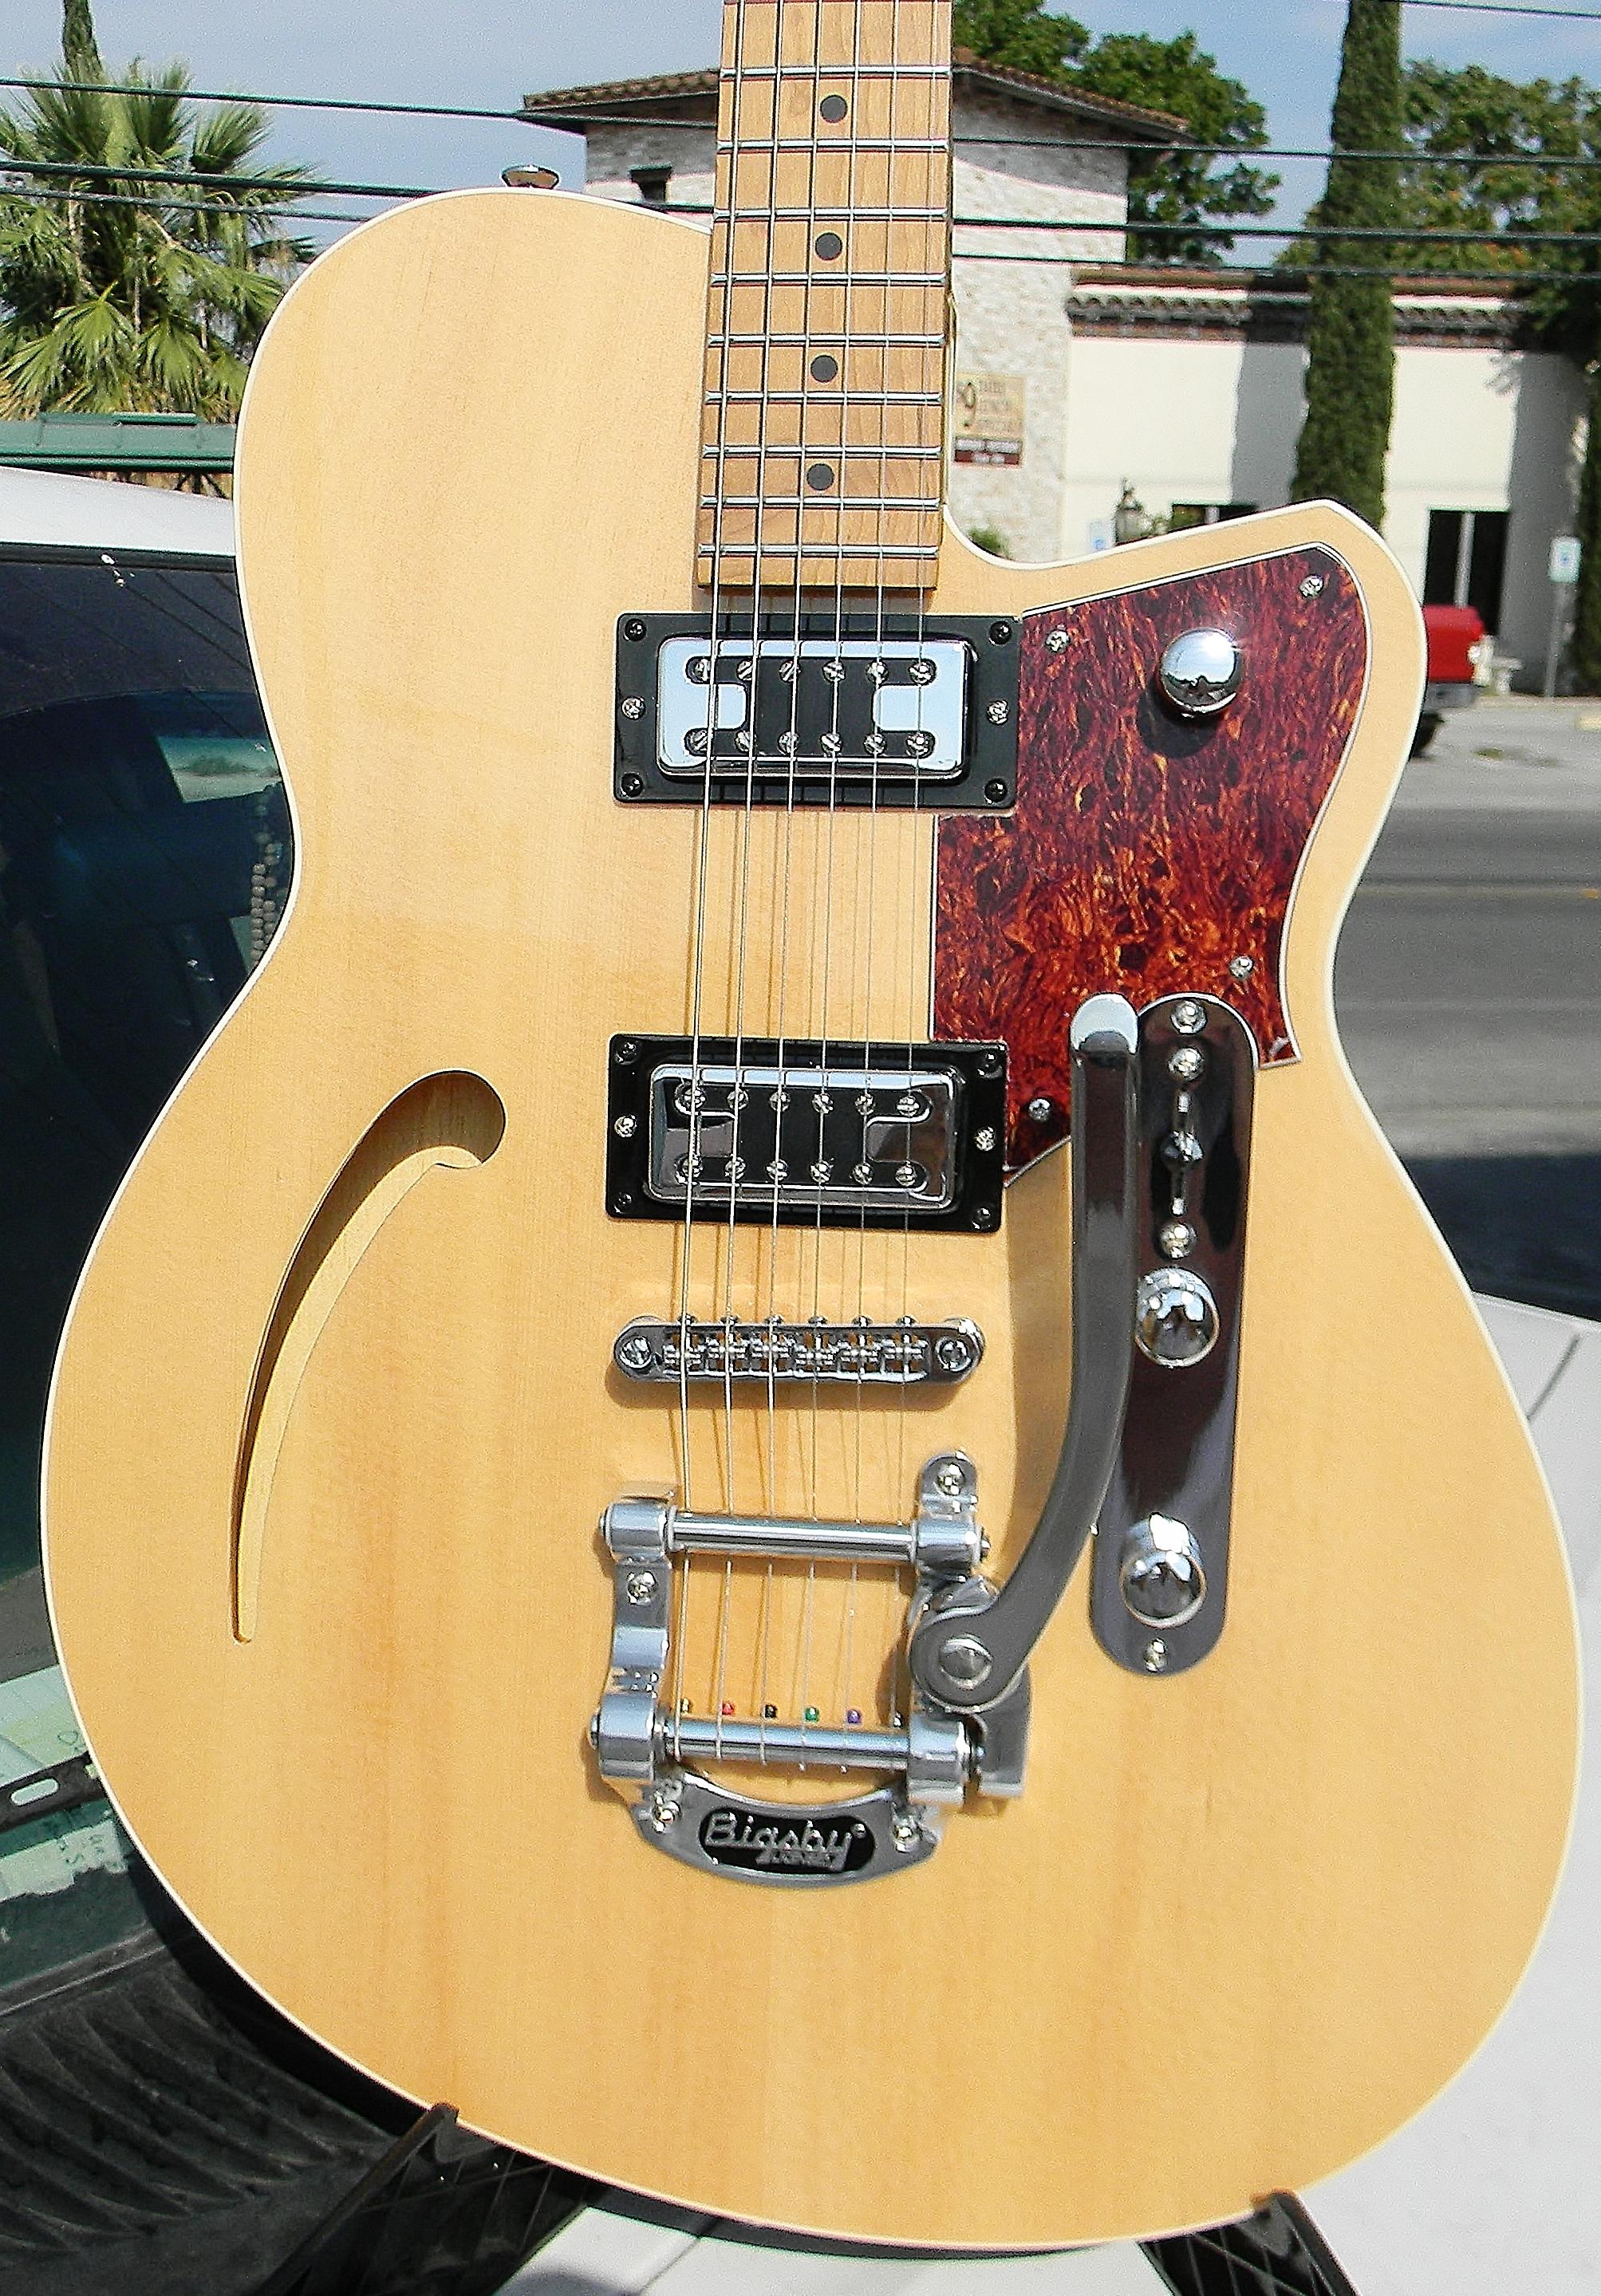 Reverend Guitars San Antonio Guitar Store Guitar Tex